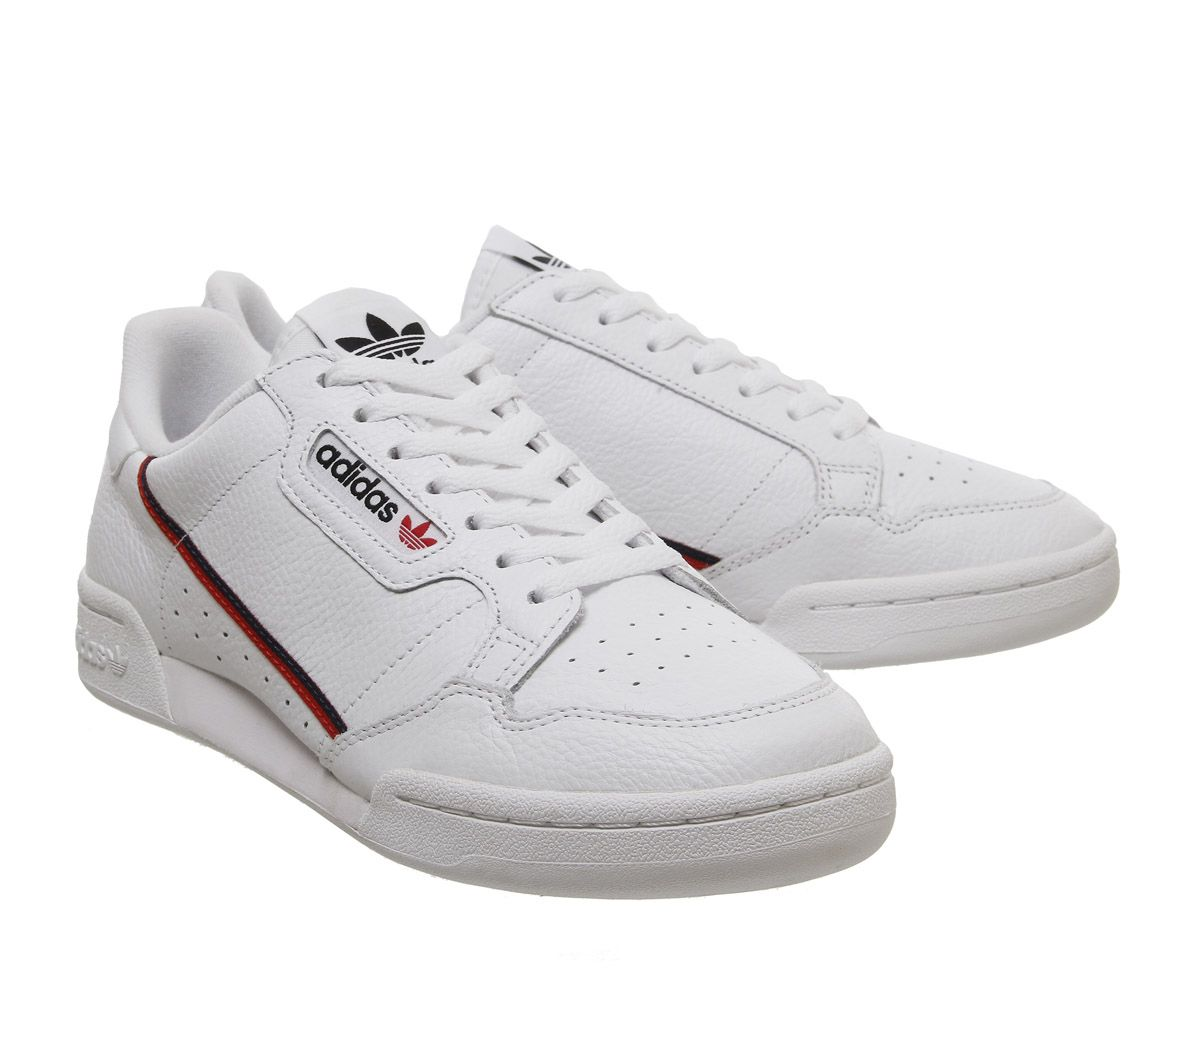 adidas Originals Sneaker lässige Echtleder Schuhe Continental 80 Weiß, Größenauswahl:40 23